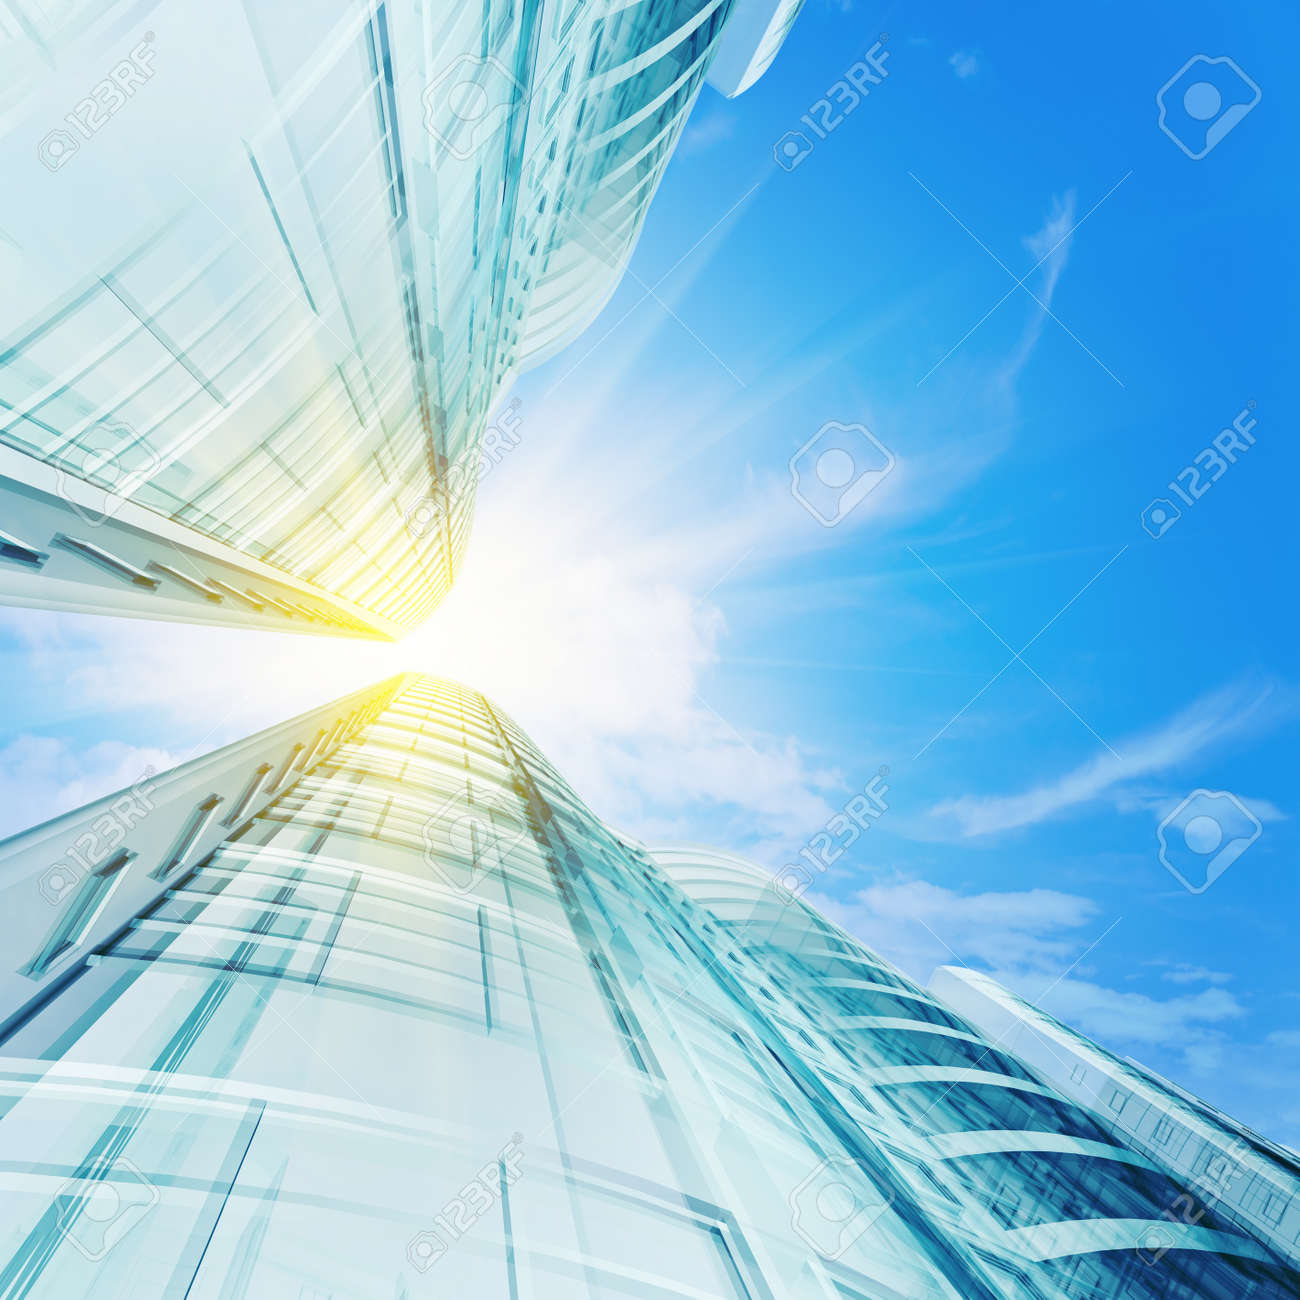 High skyscrapers under sky. 3d render Stock Photo - 8890578